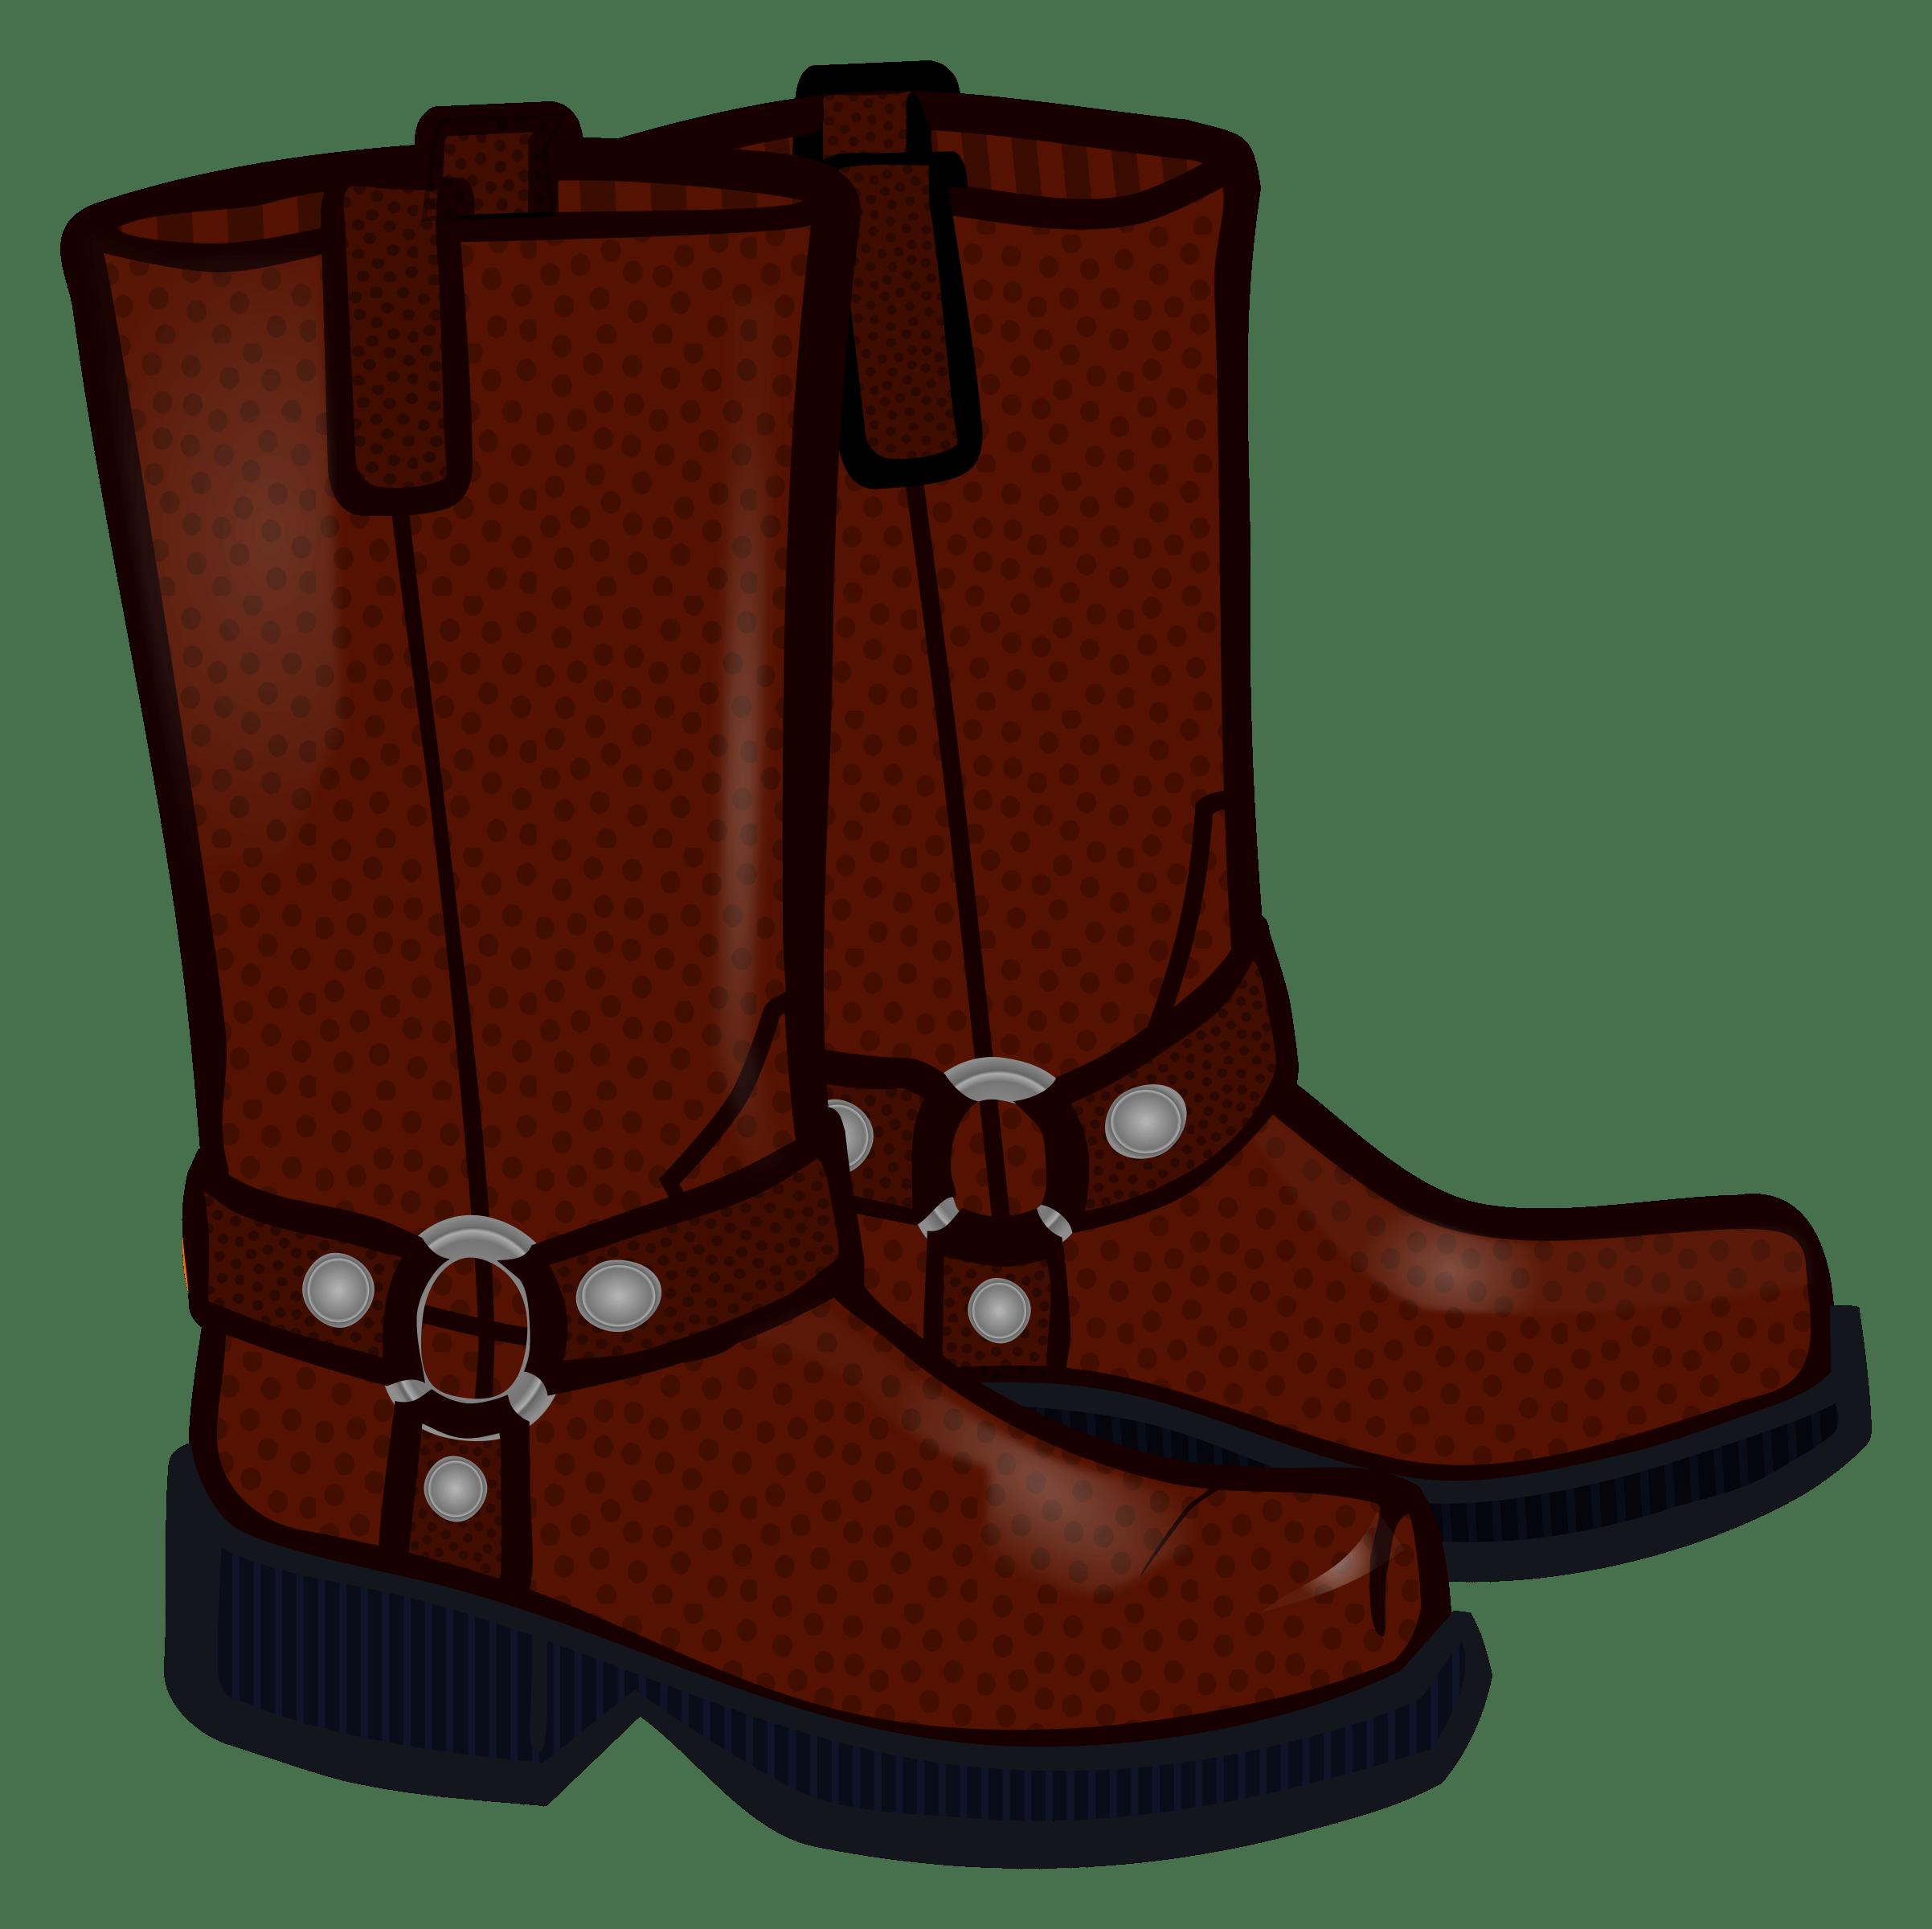 Clipart boots 2 » Clipart Portal.